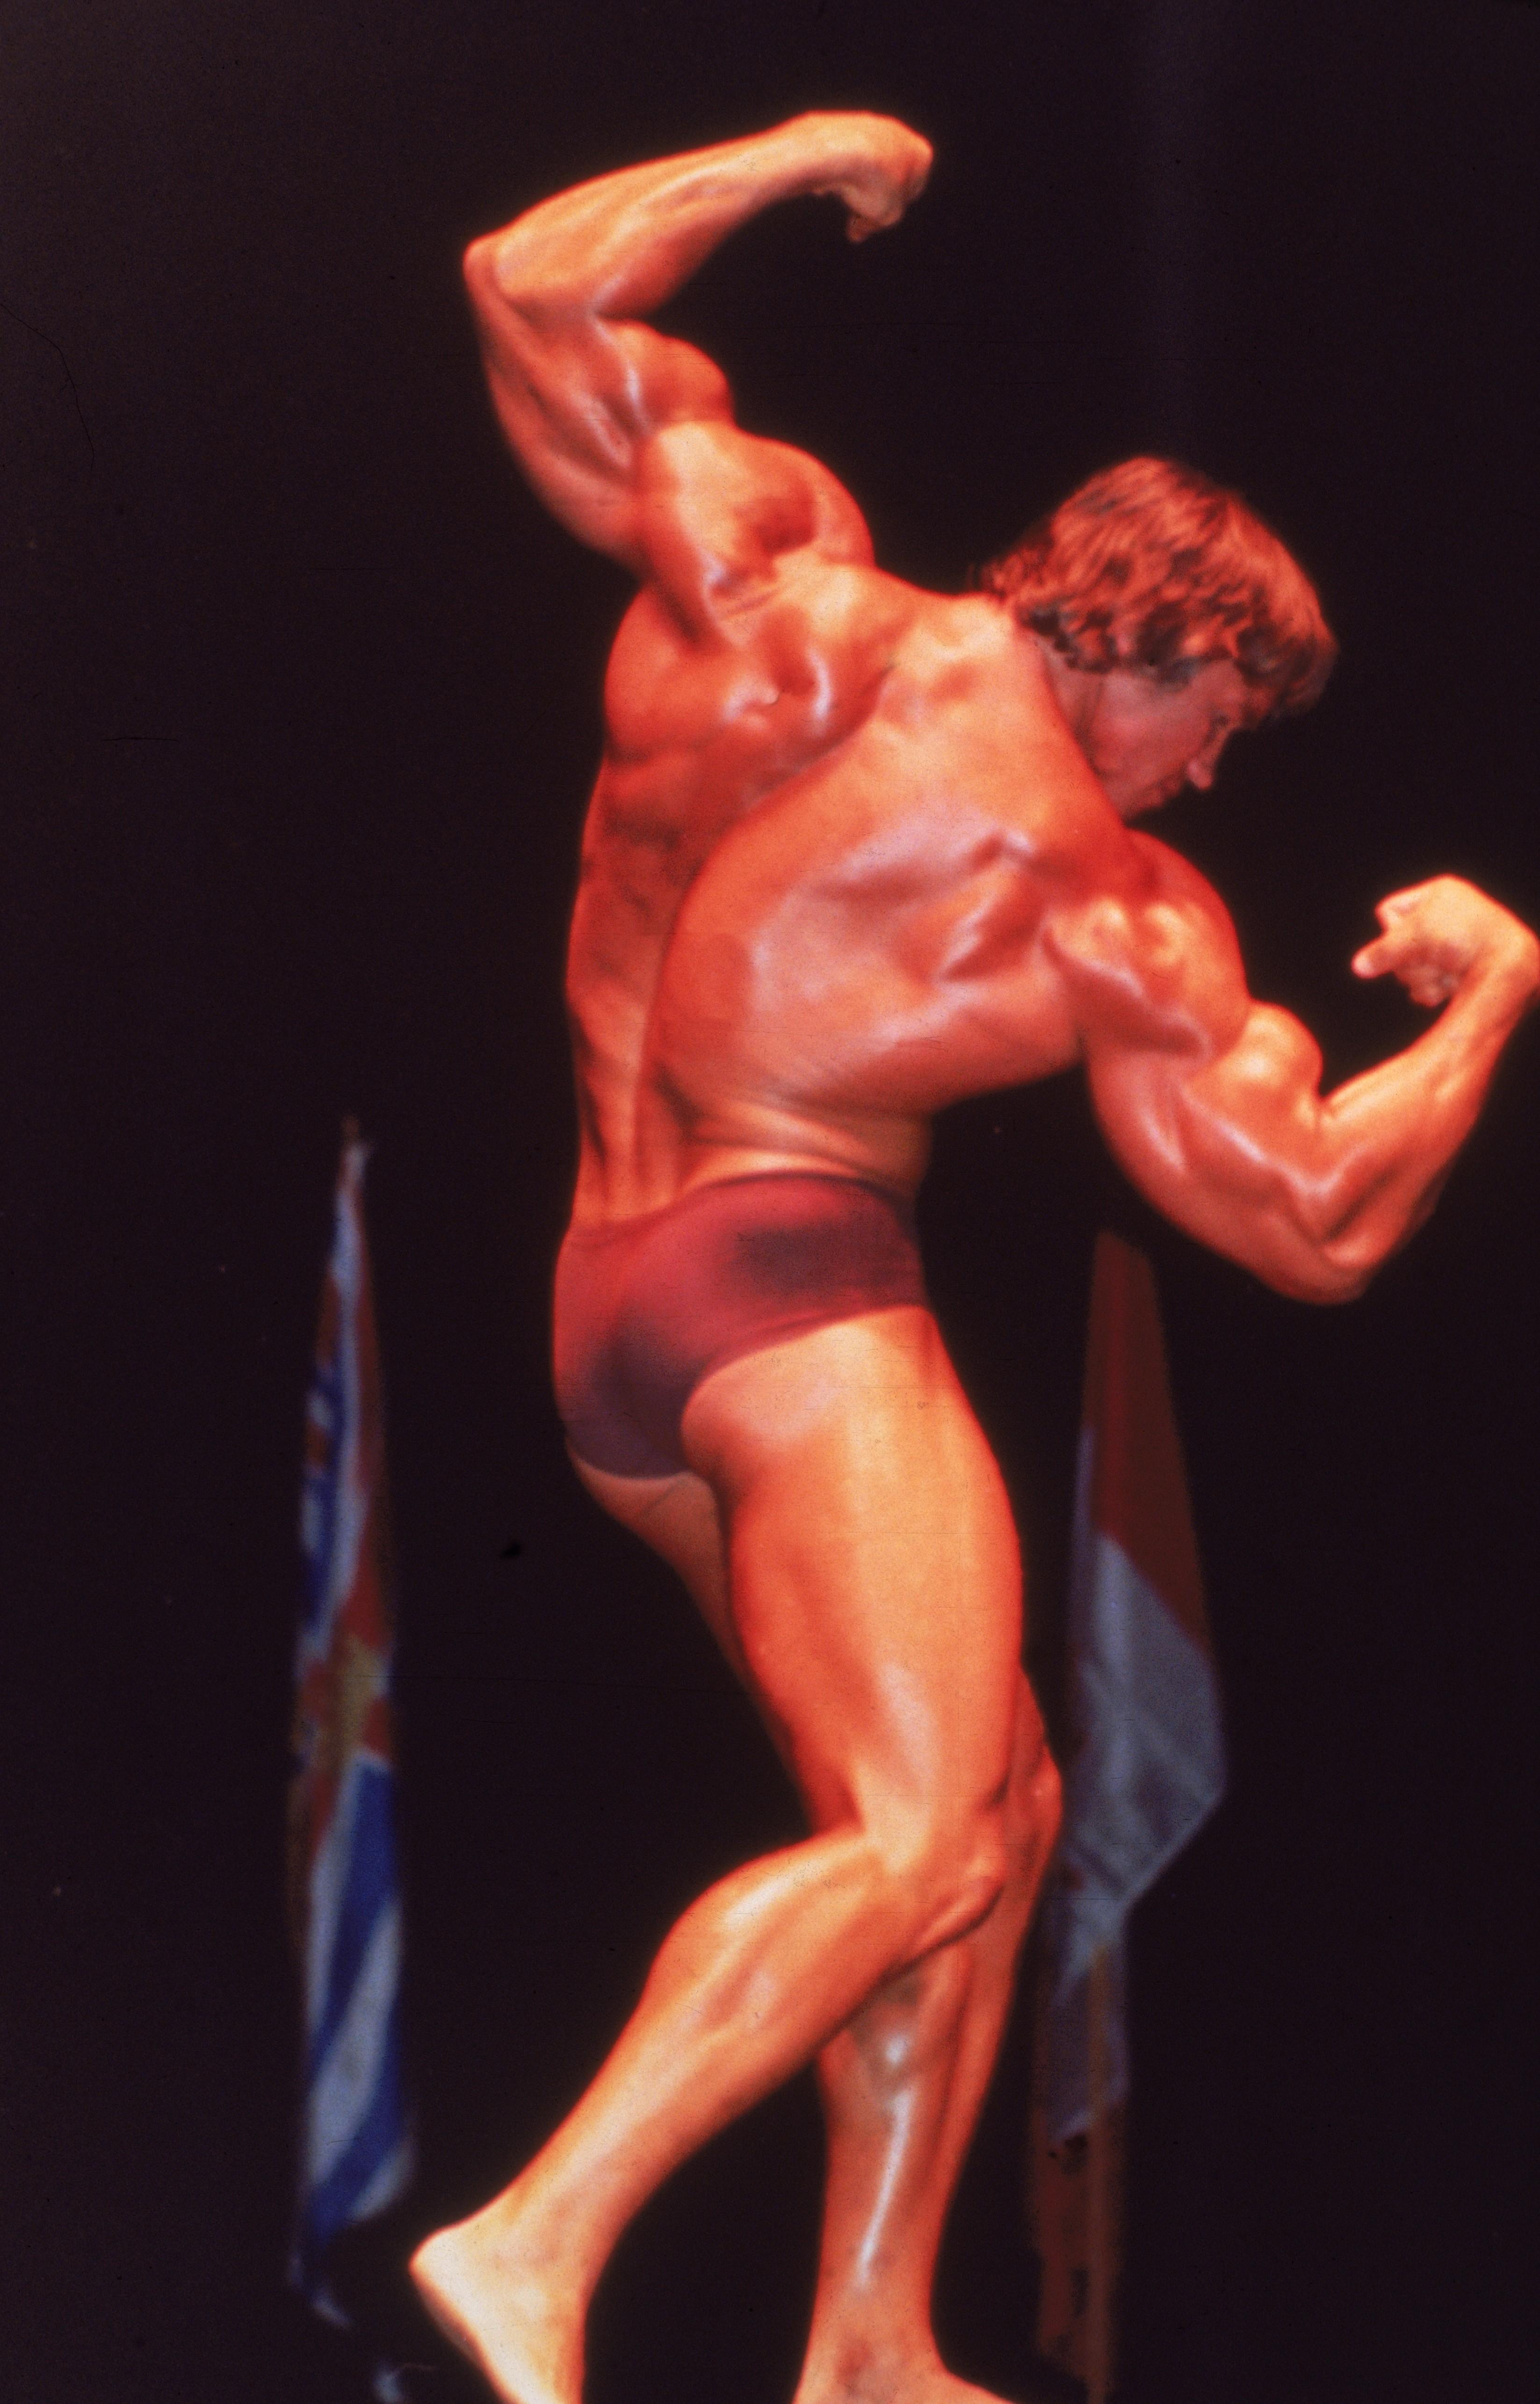 O ator Arnold Schwarzenegger aos 28 anos, em uma foto feita em um concurso de musculação em janeiro de 1976 (Foto: Getty Images)